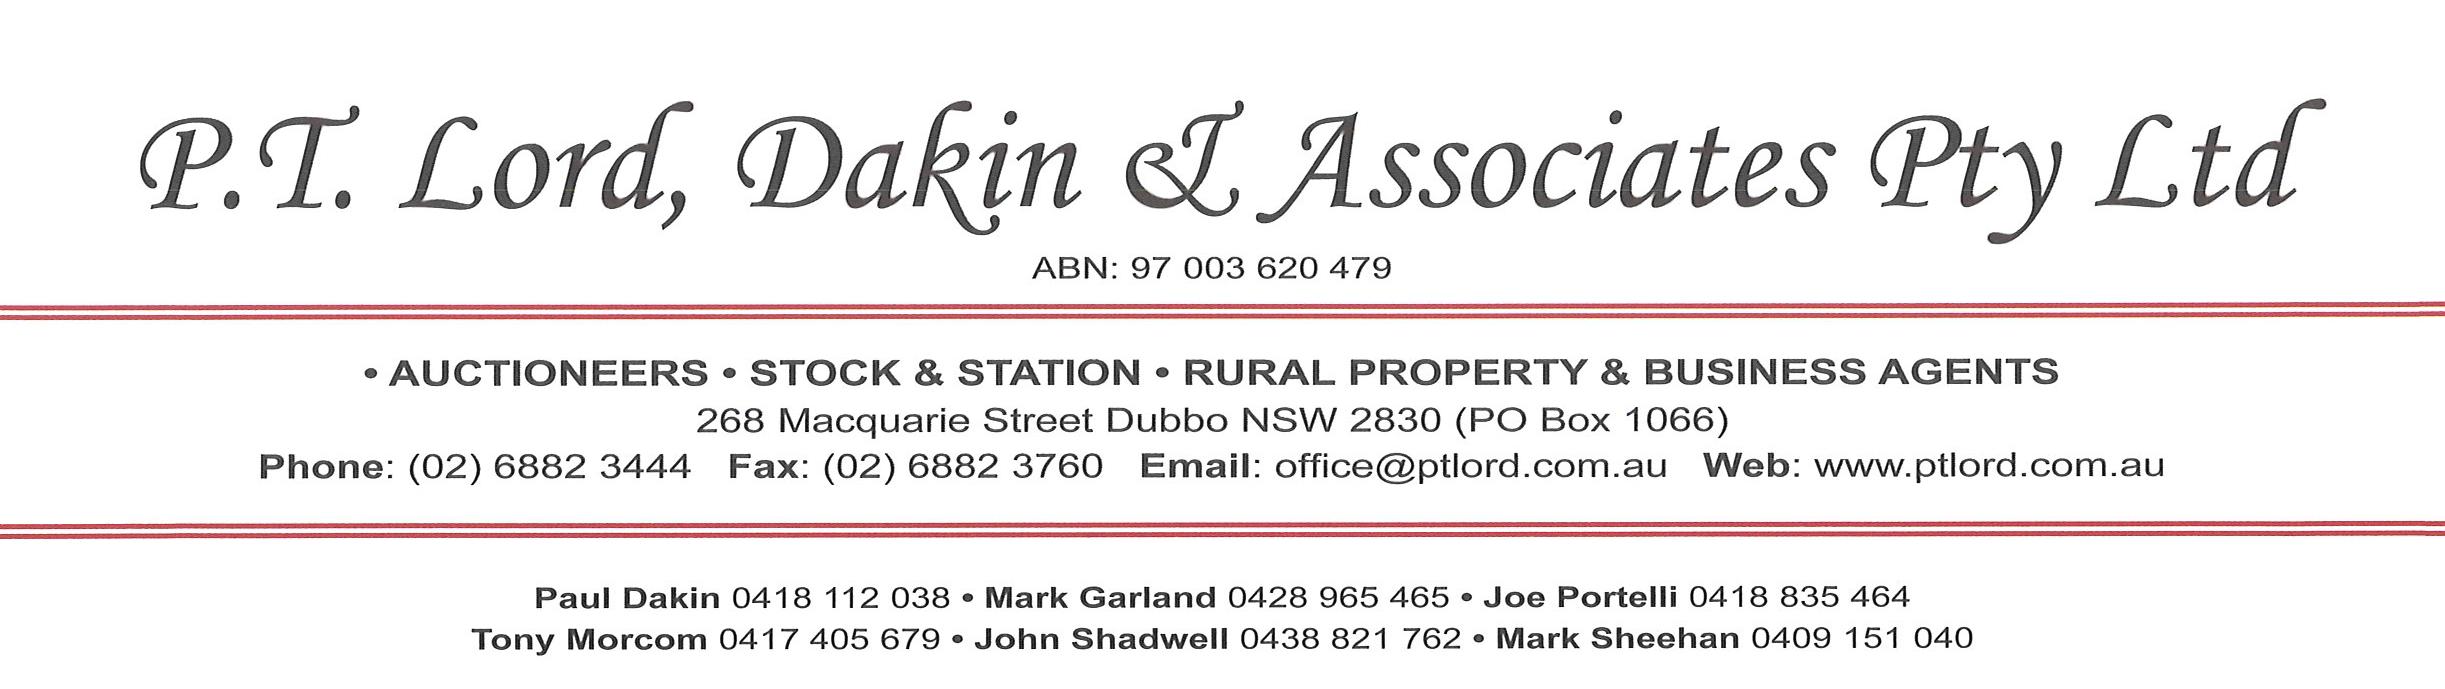 Agency logo - P.T. Lord, Dakin & Associates